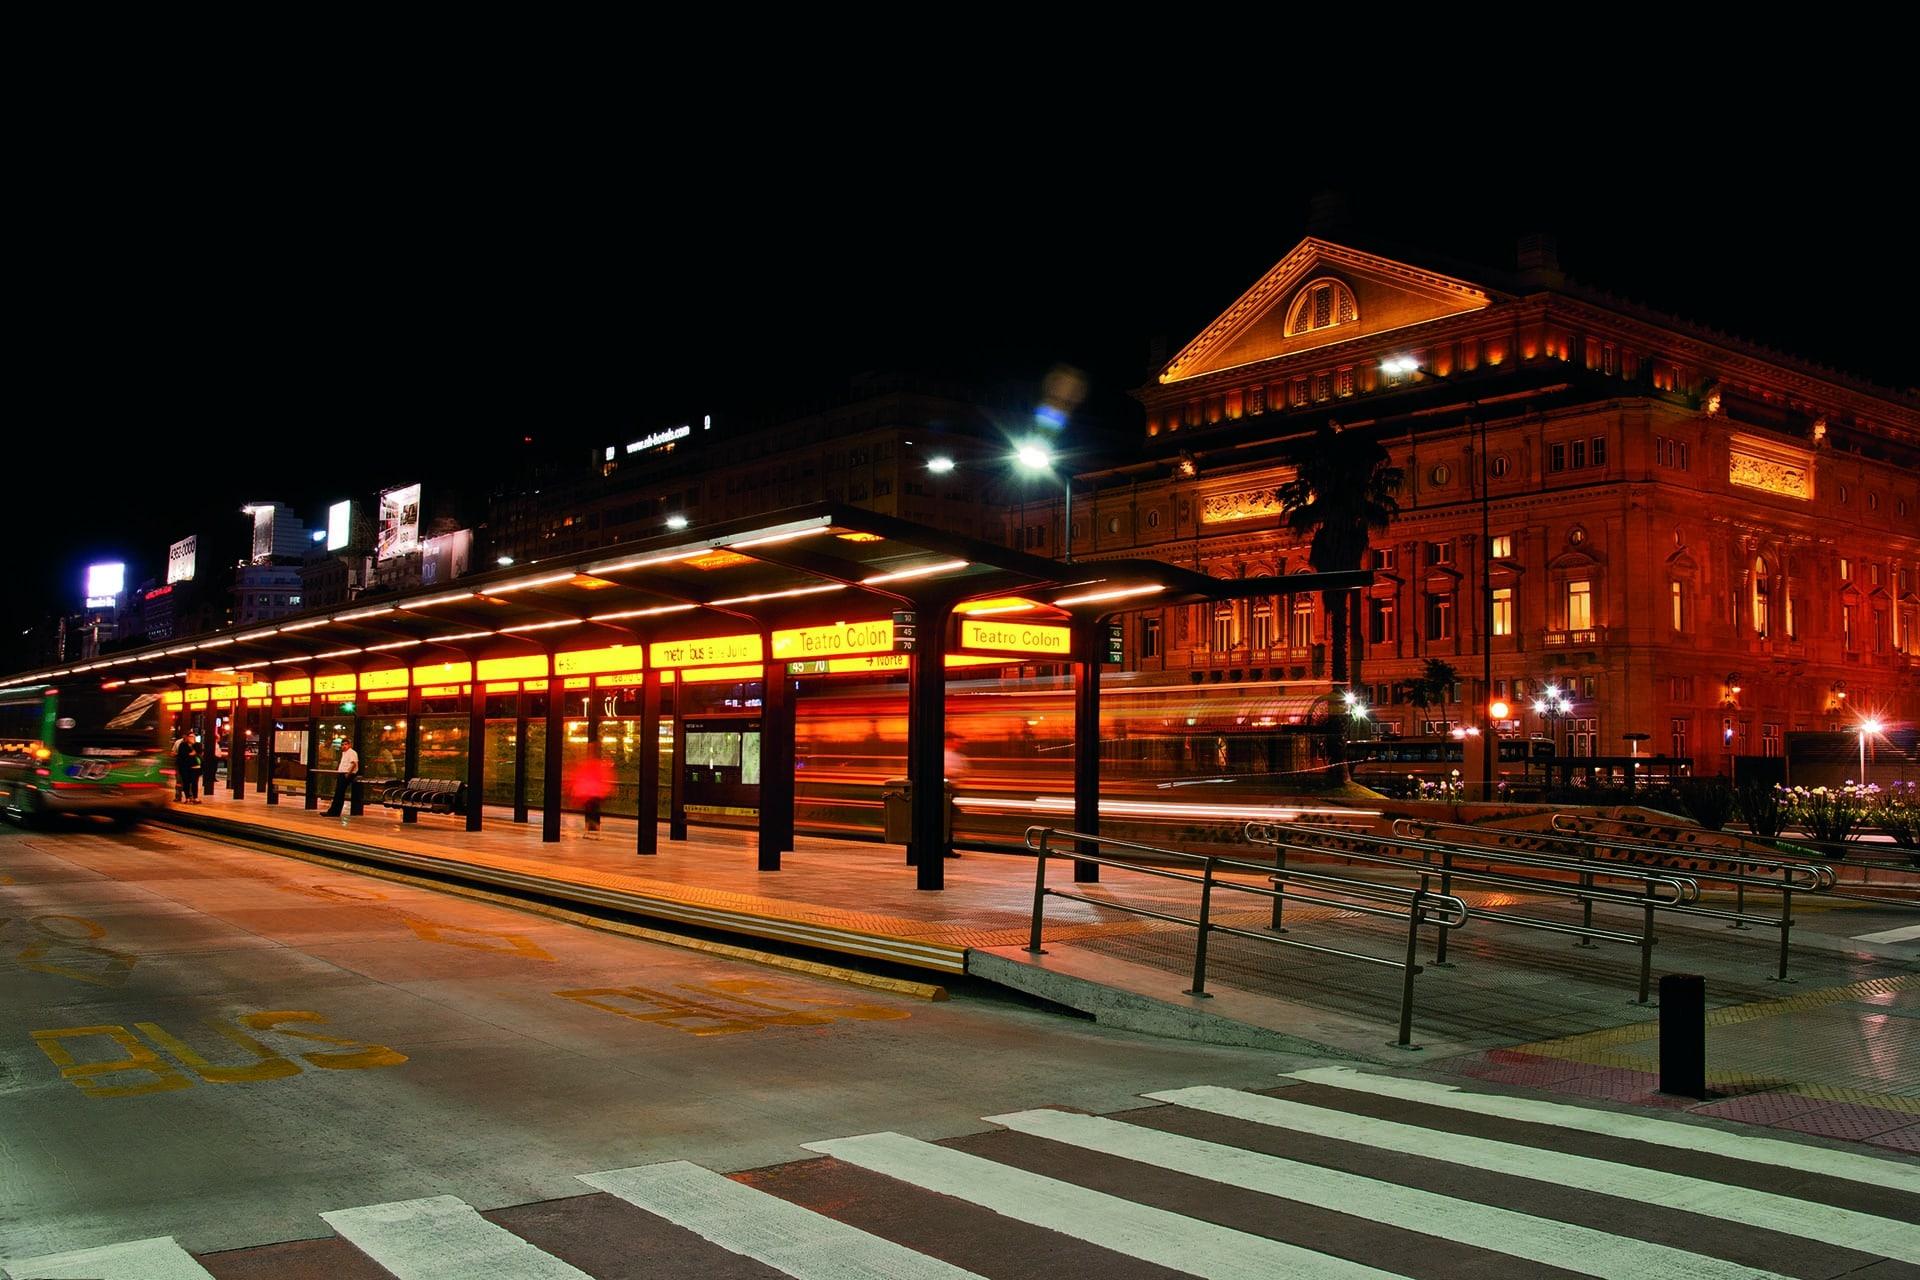 metrobus noche porteña